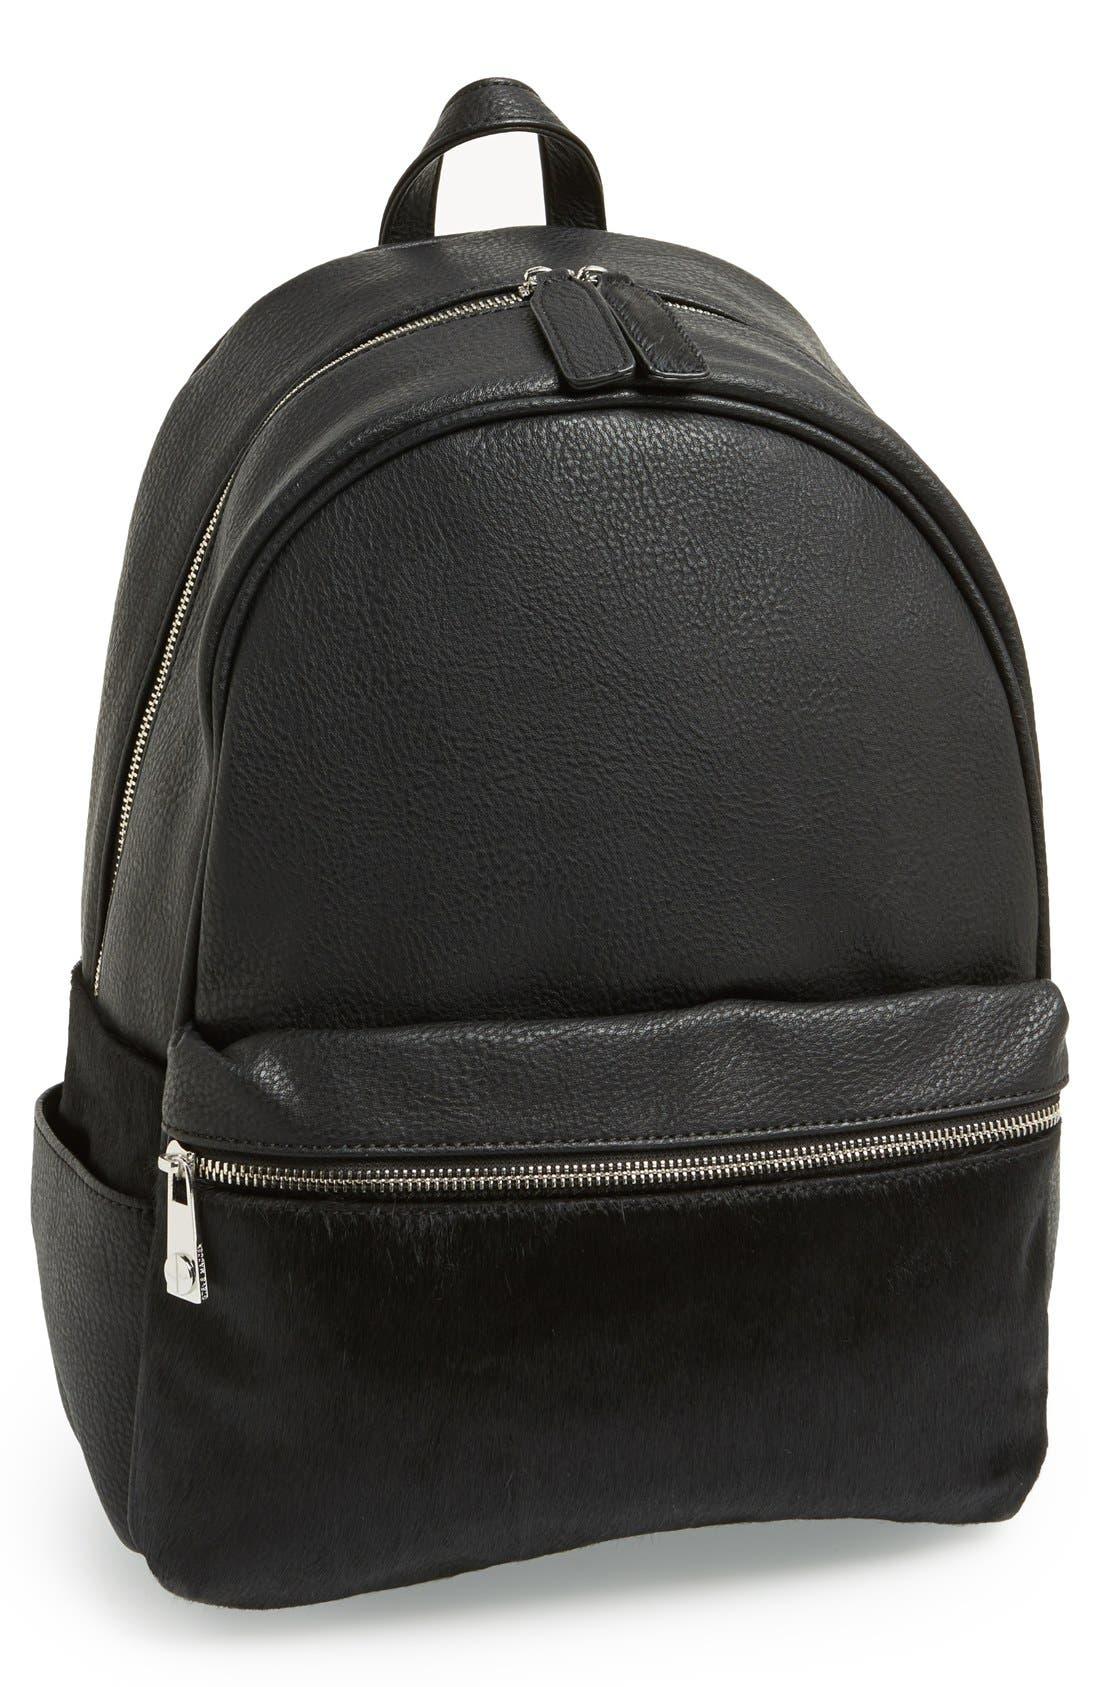 Main Image - Steve Madden Genuine Calf Hair Backpack